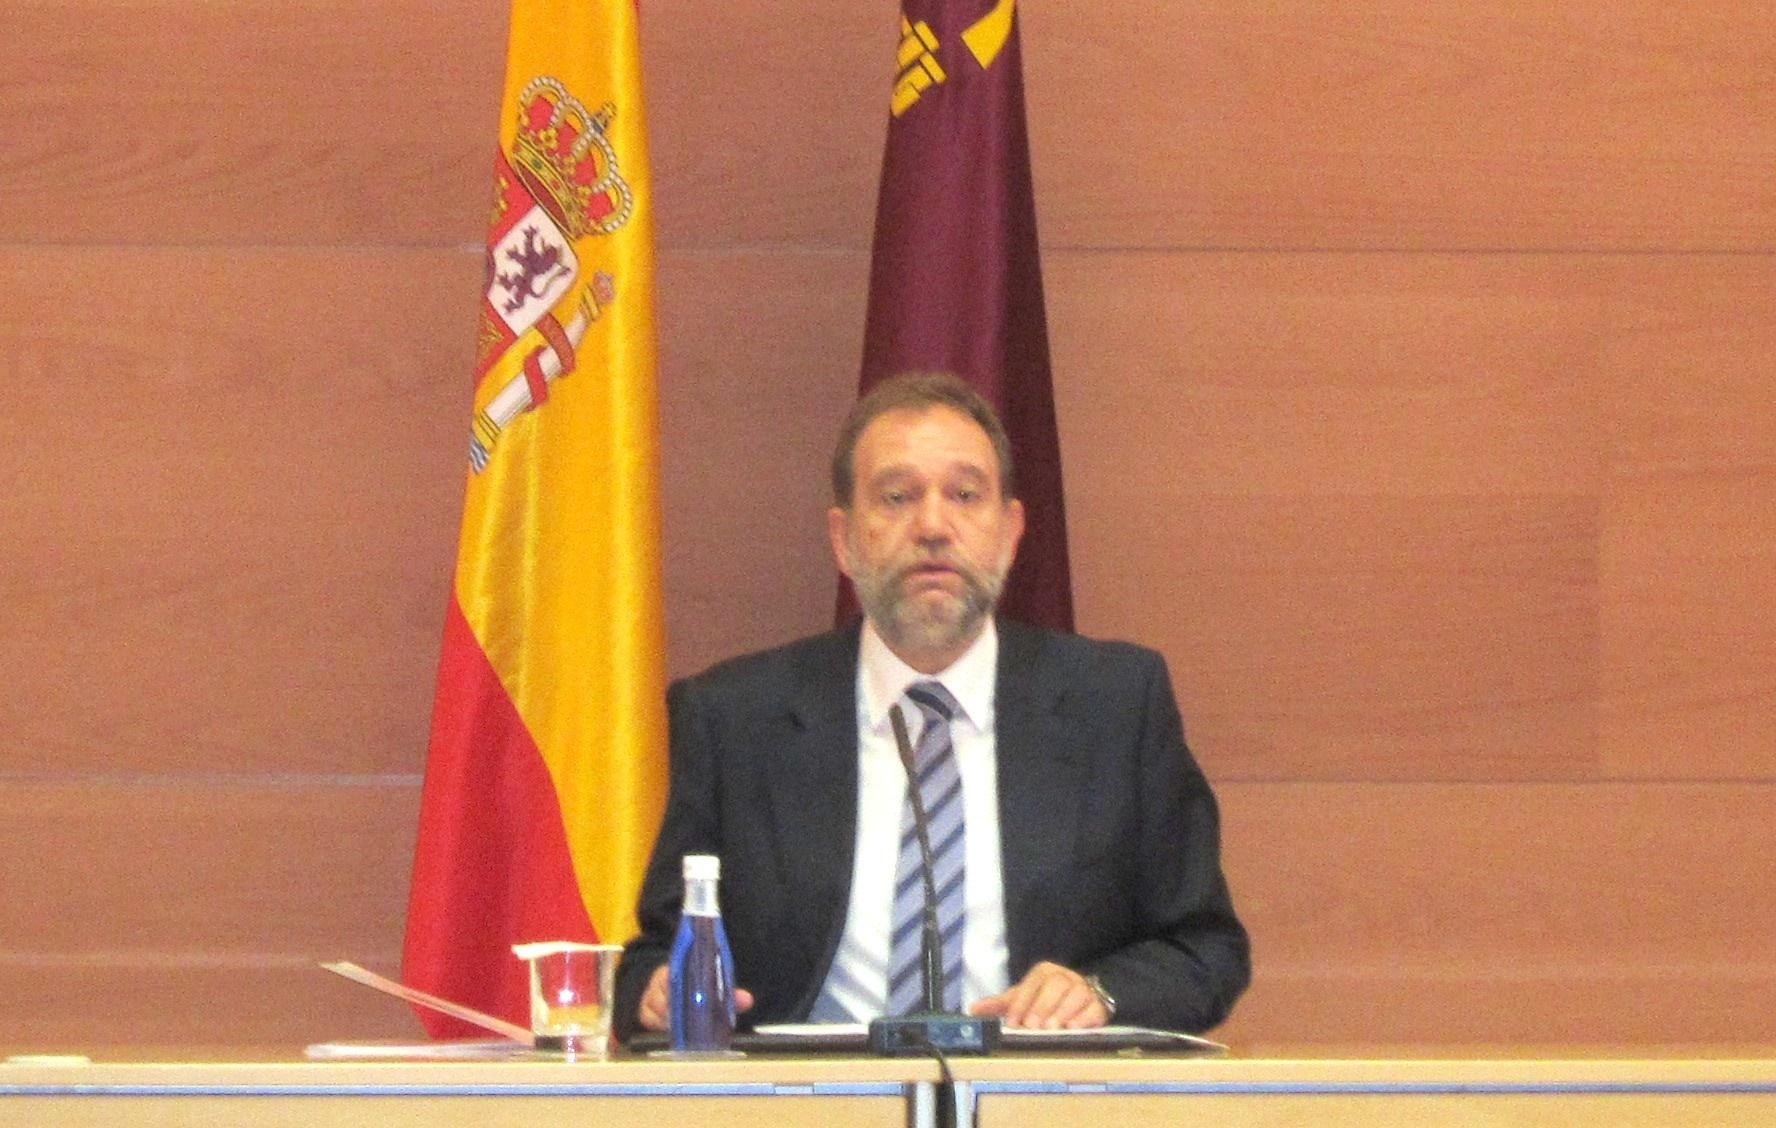 El consejero murciano de Educación, Formación y Empleo, Constantino Sotoca,  dimite por «motivos personales»